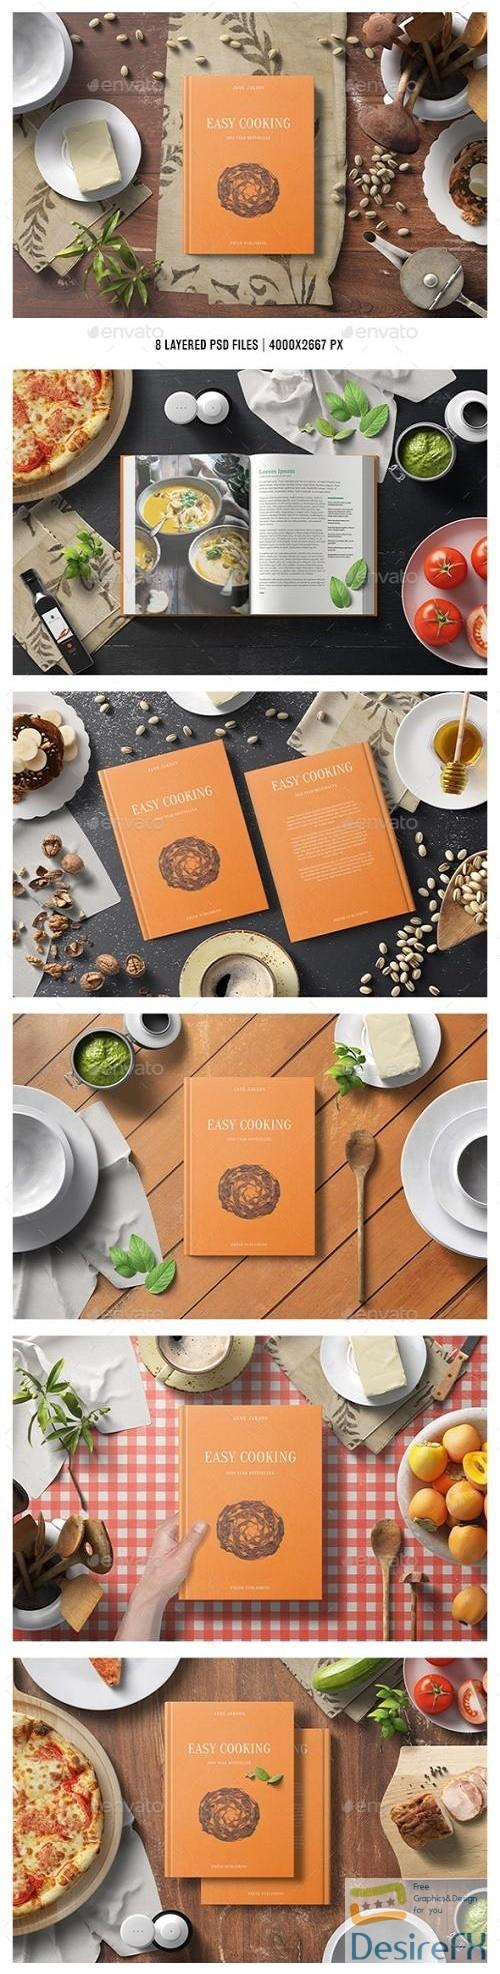 mock-up - Square Cook Book Mockup - Kitchen Set - 22645038